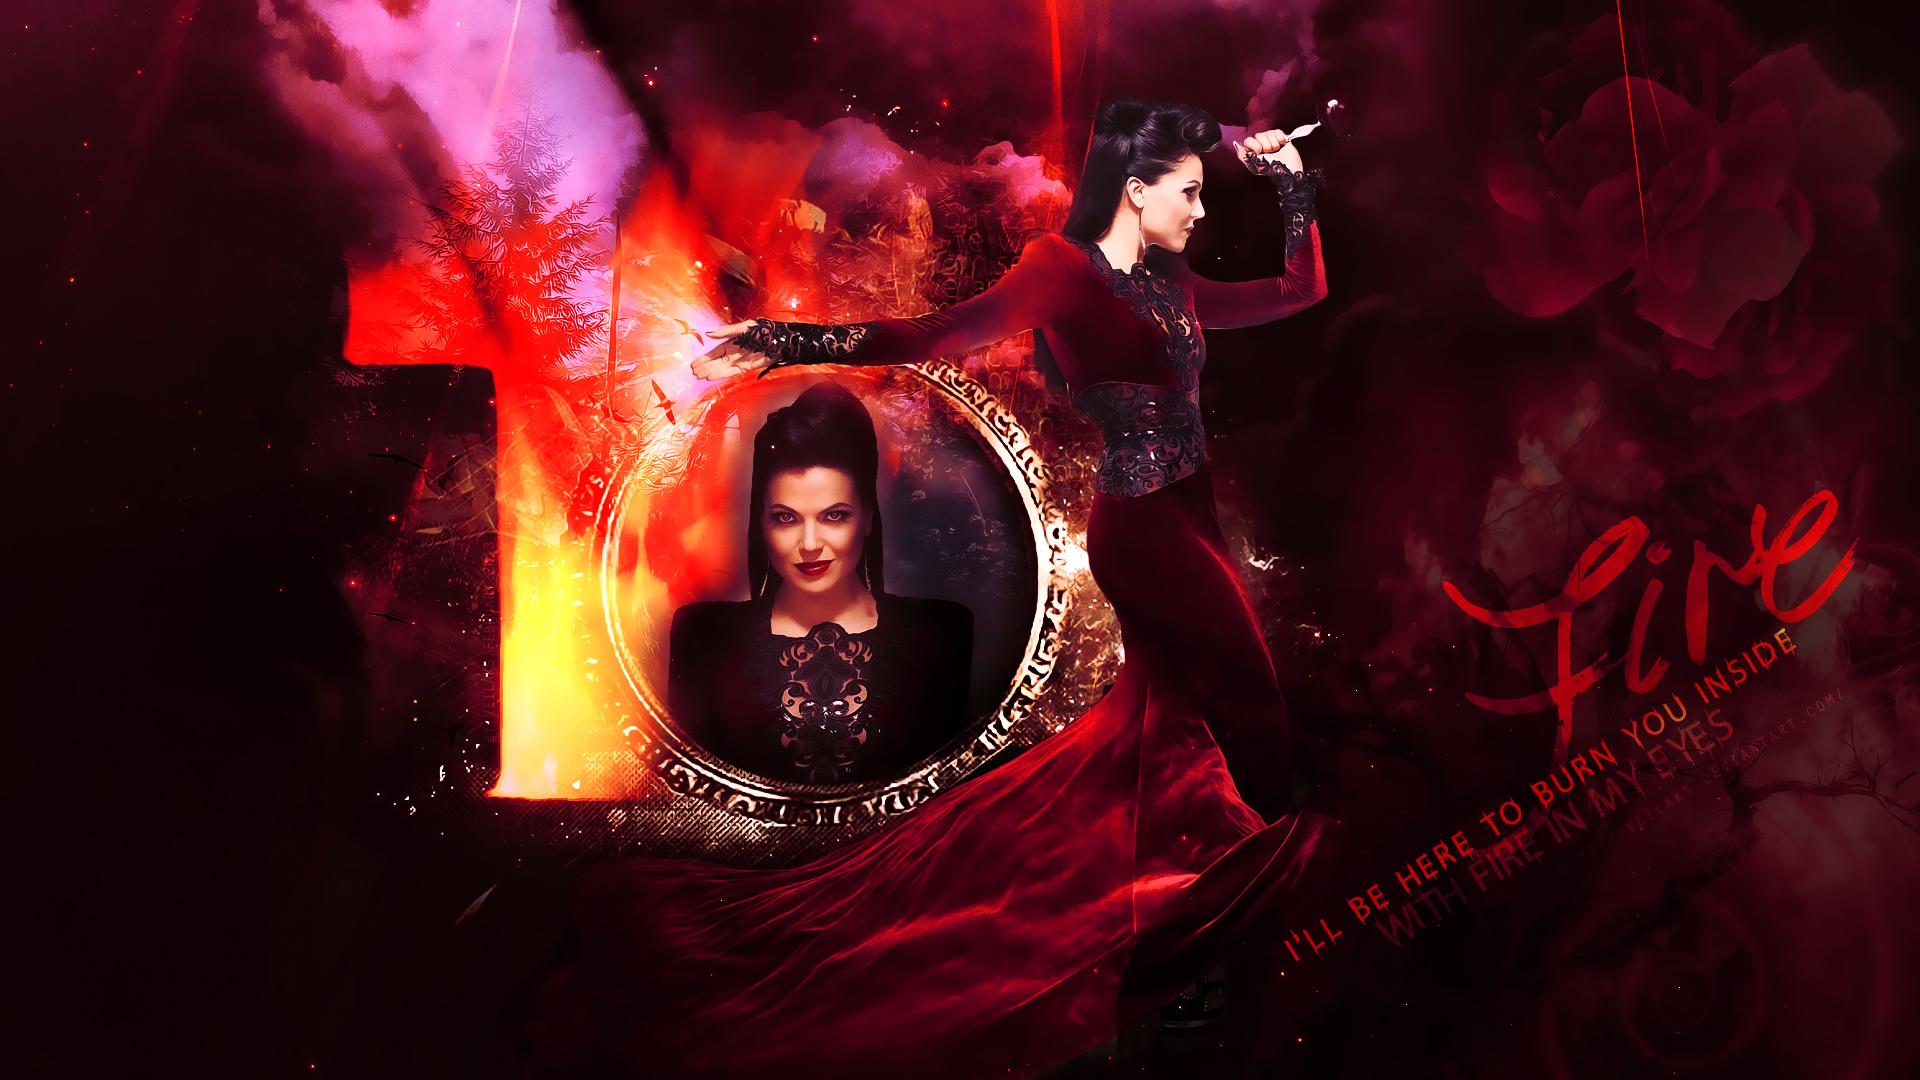 Regina/Evil Queen